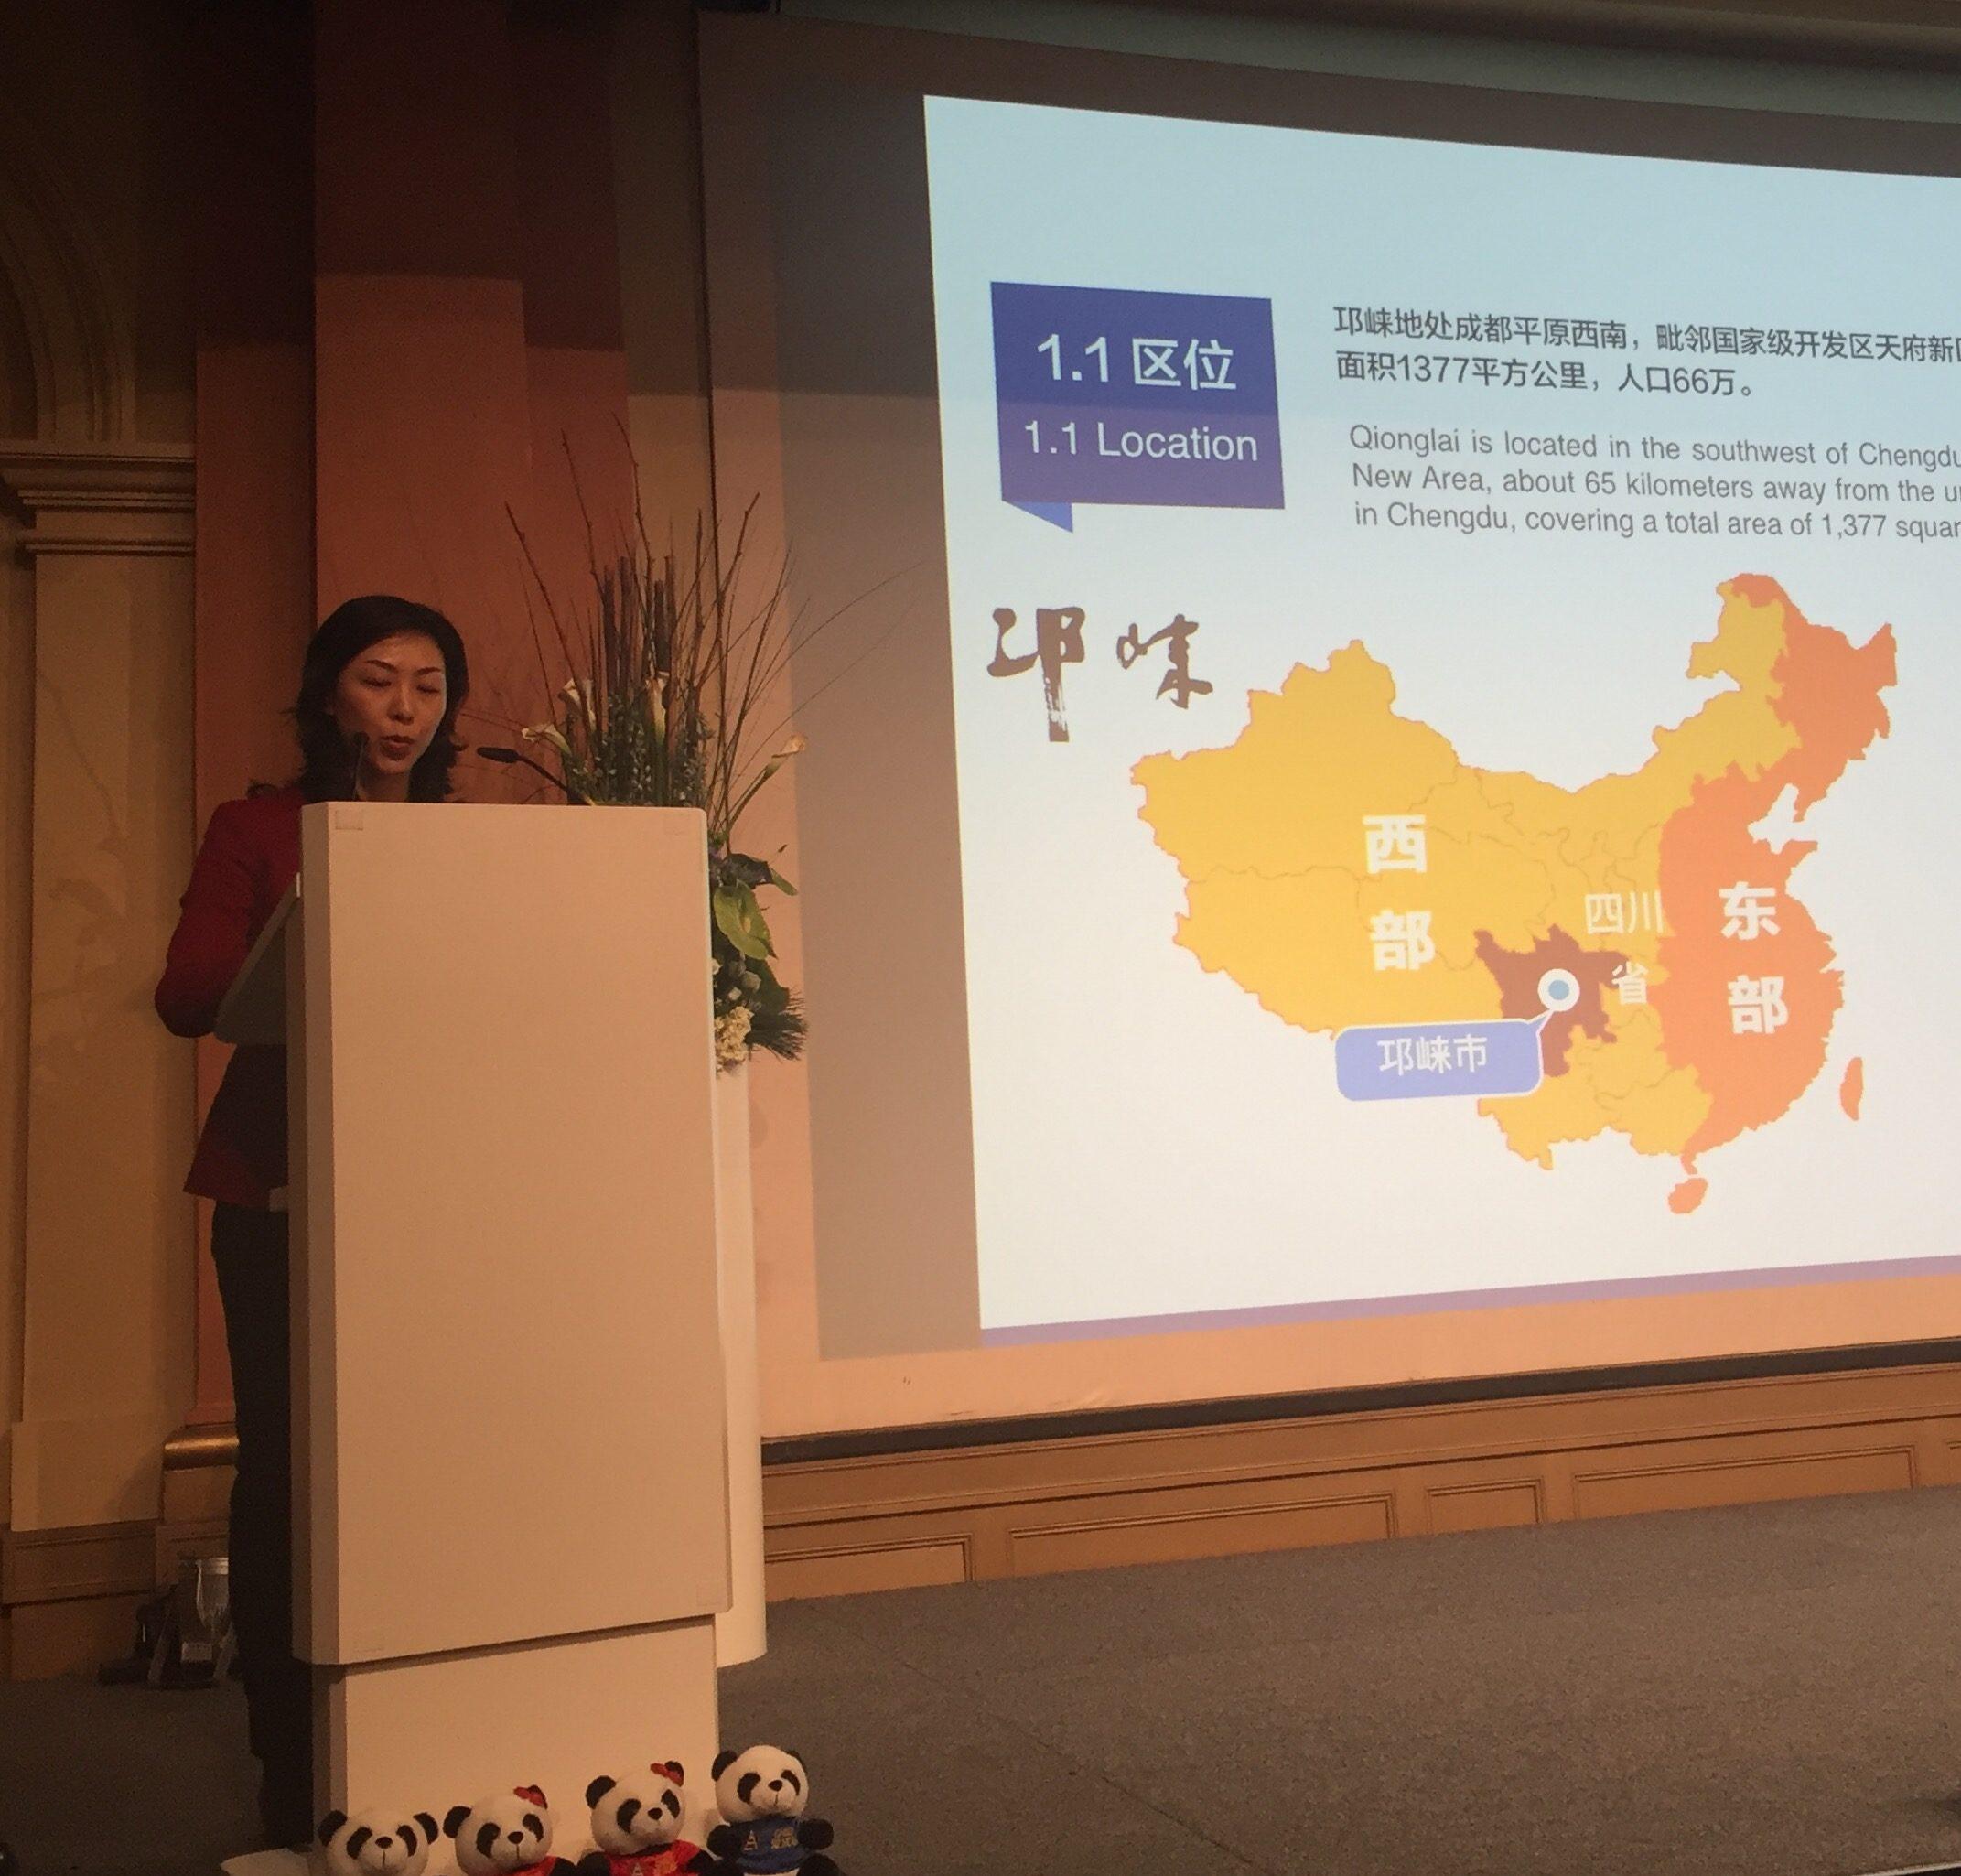 Vize-Bürgermeisterin YANG Min beschreibt Qionglai